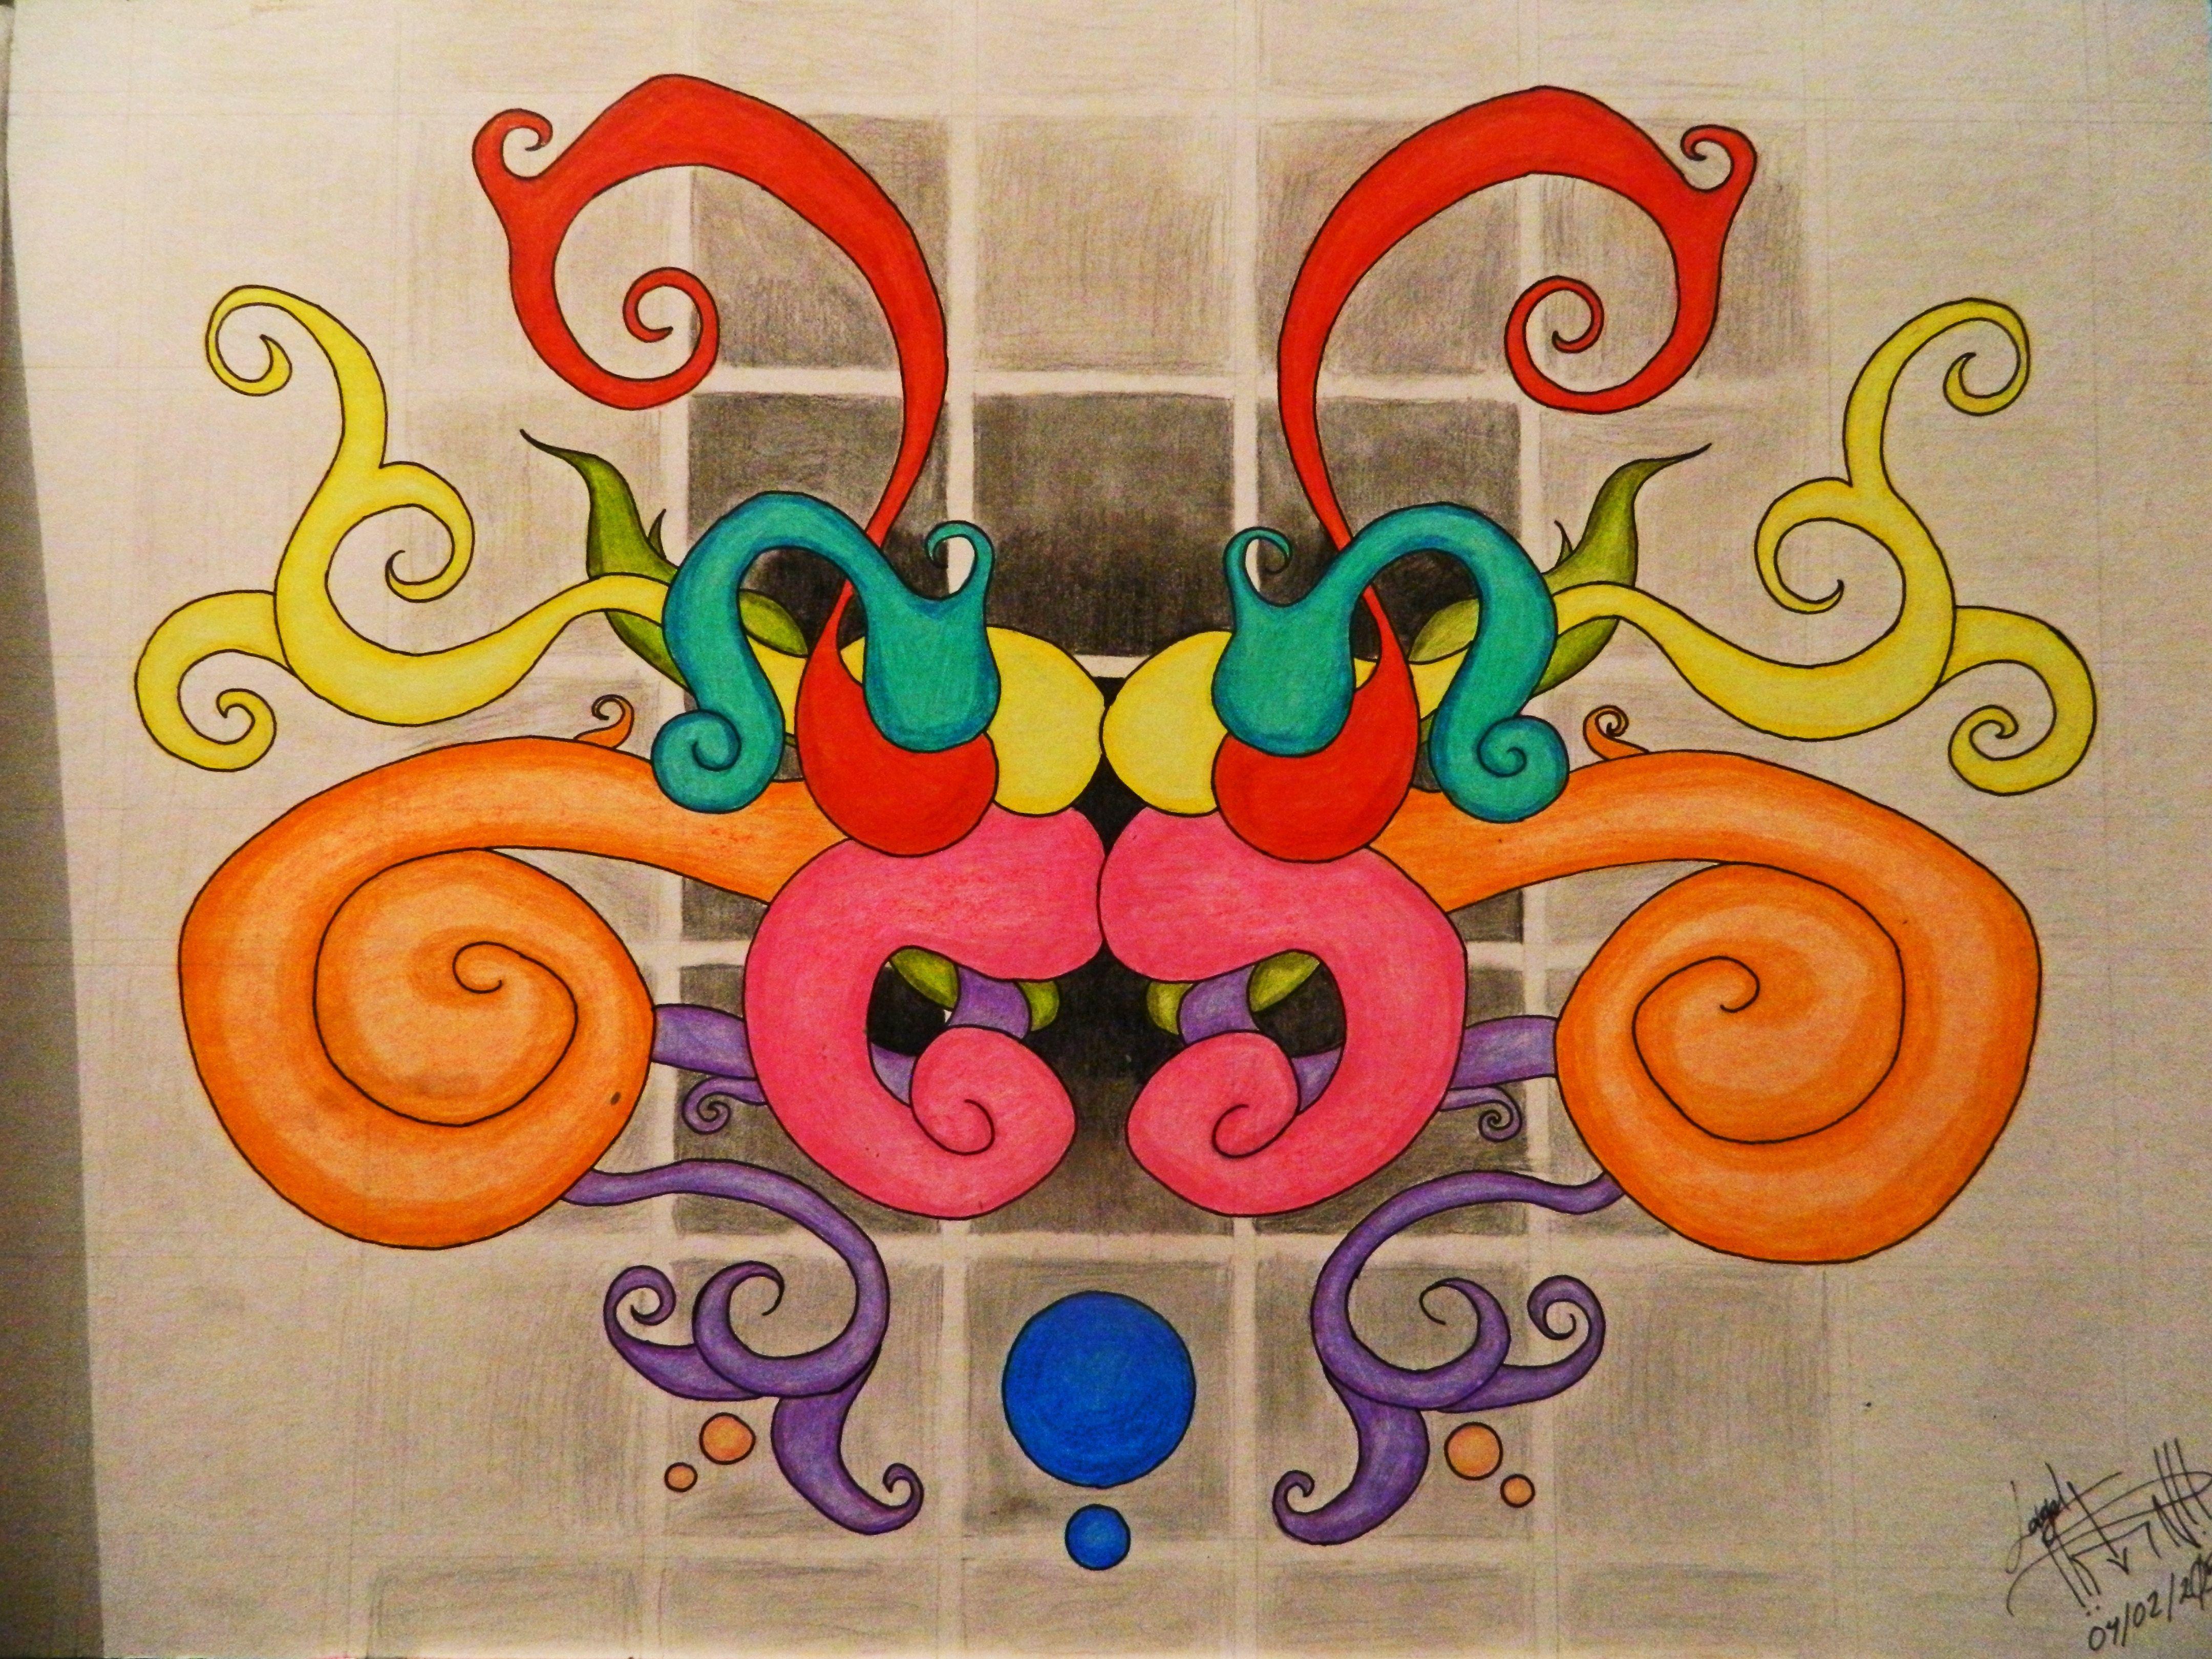 El Primer dibujo abstracto